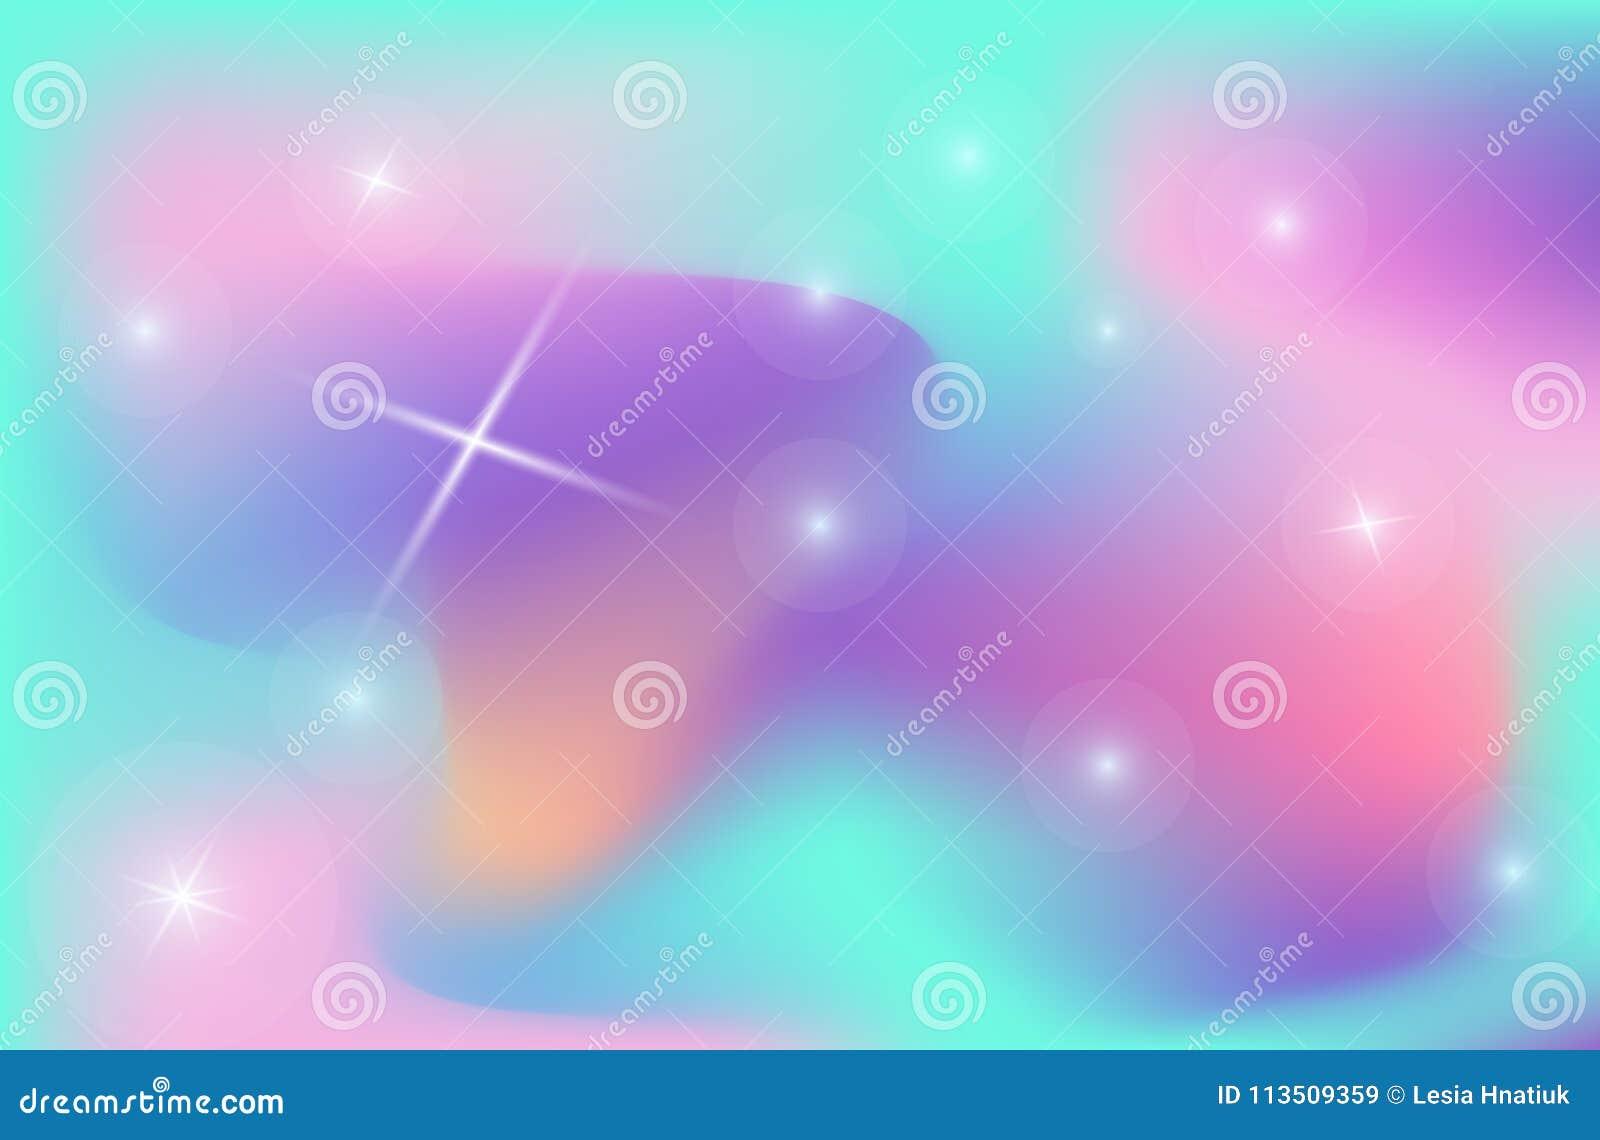 独角兽背景背景颜色梯度滤网传染媒介宇宙